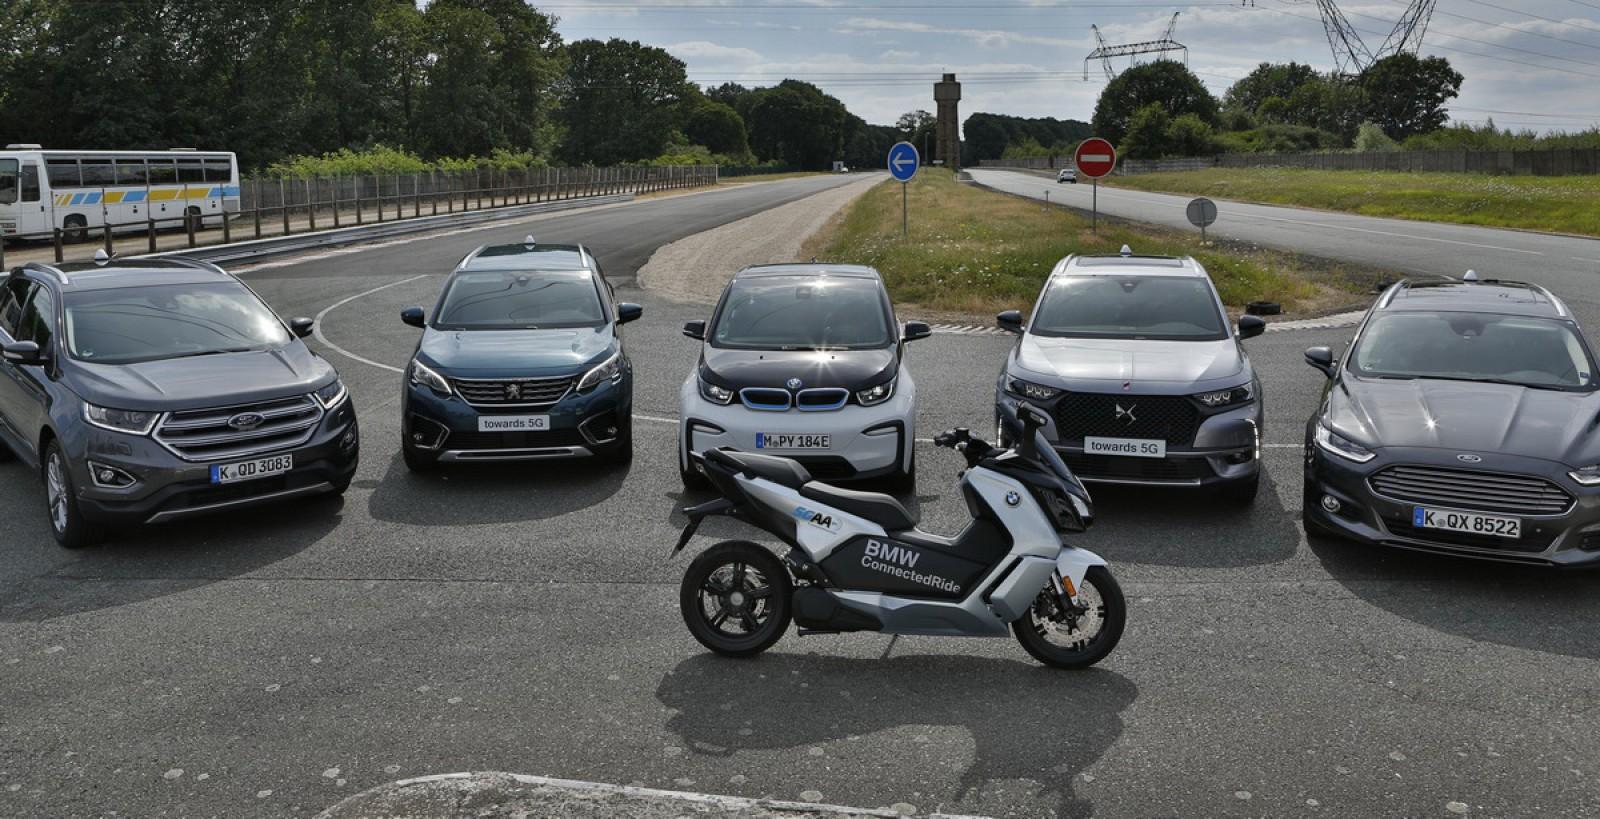 (video) Maşinile BMW Group, Ford şi ale PSA vor putea comunica prin standardul C-V2X. Iată cum funcţionează